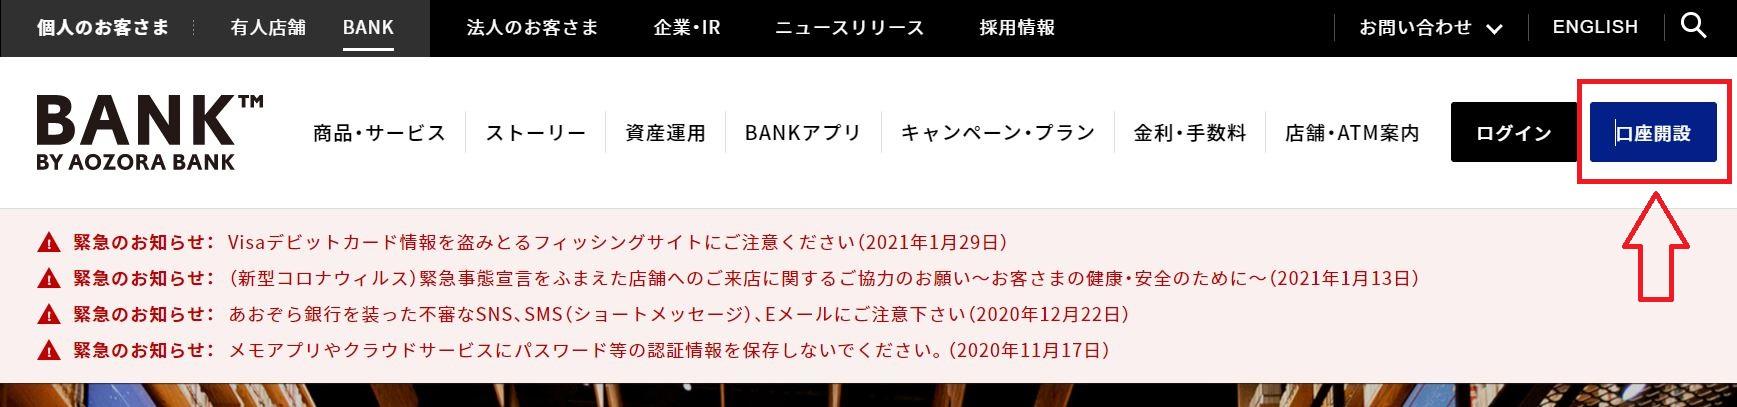 WEBサイトから「あおぞら銀行bank支店」口座を開設する